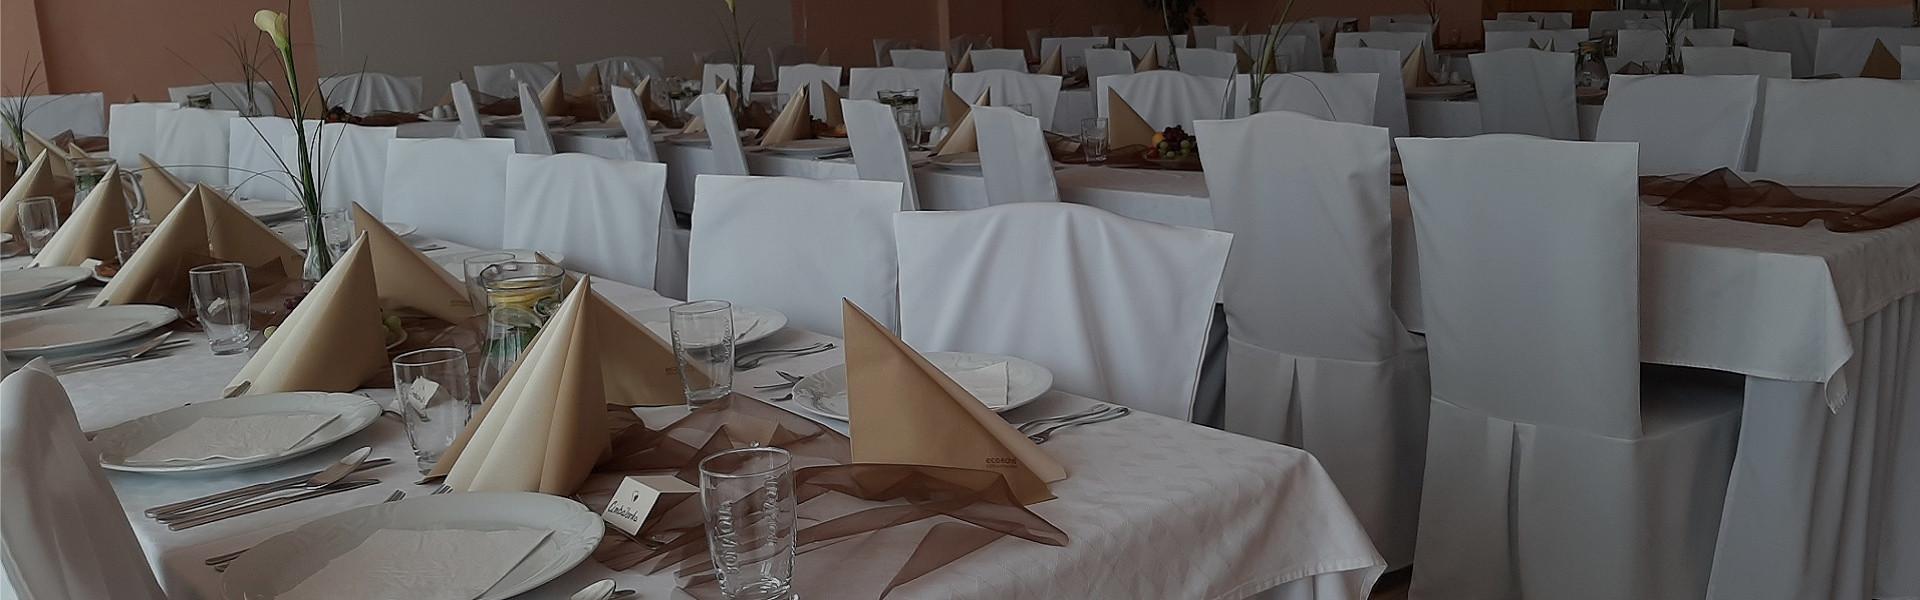 Svatby a oslavy na Kyčeře